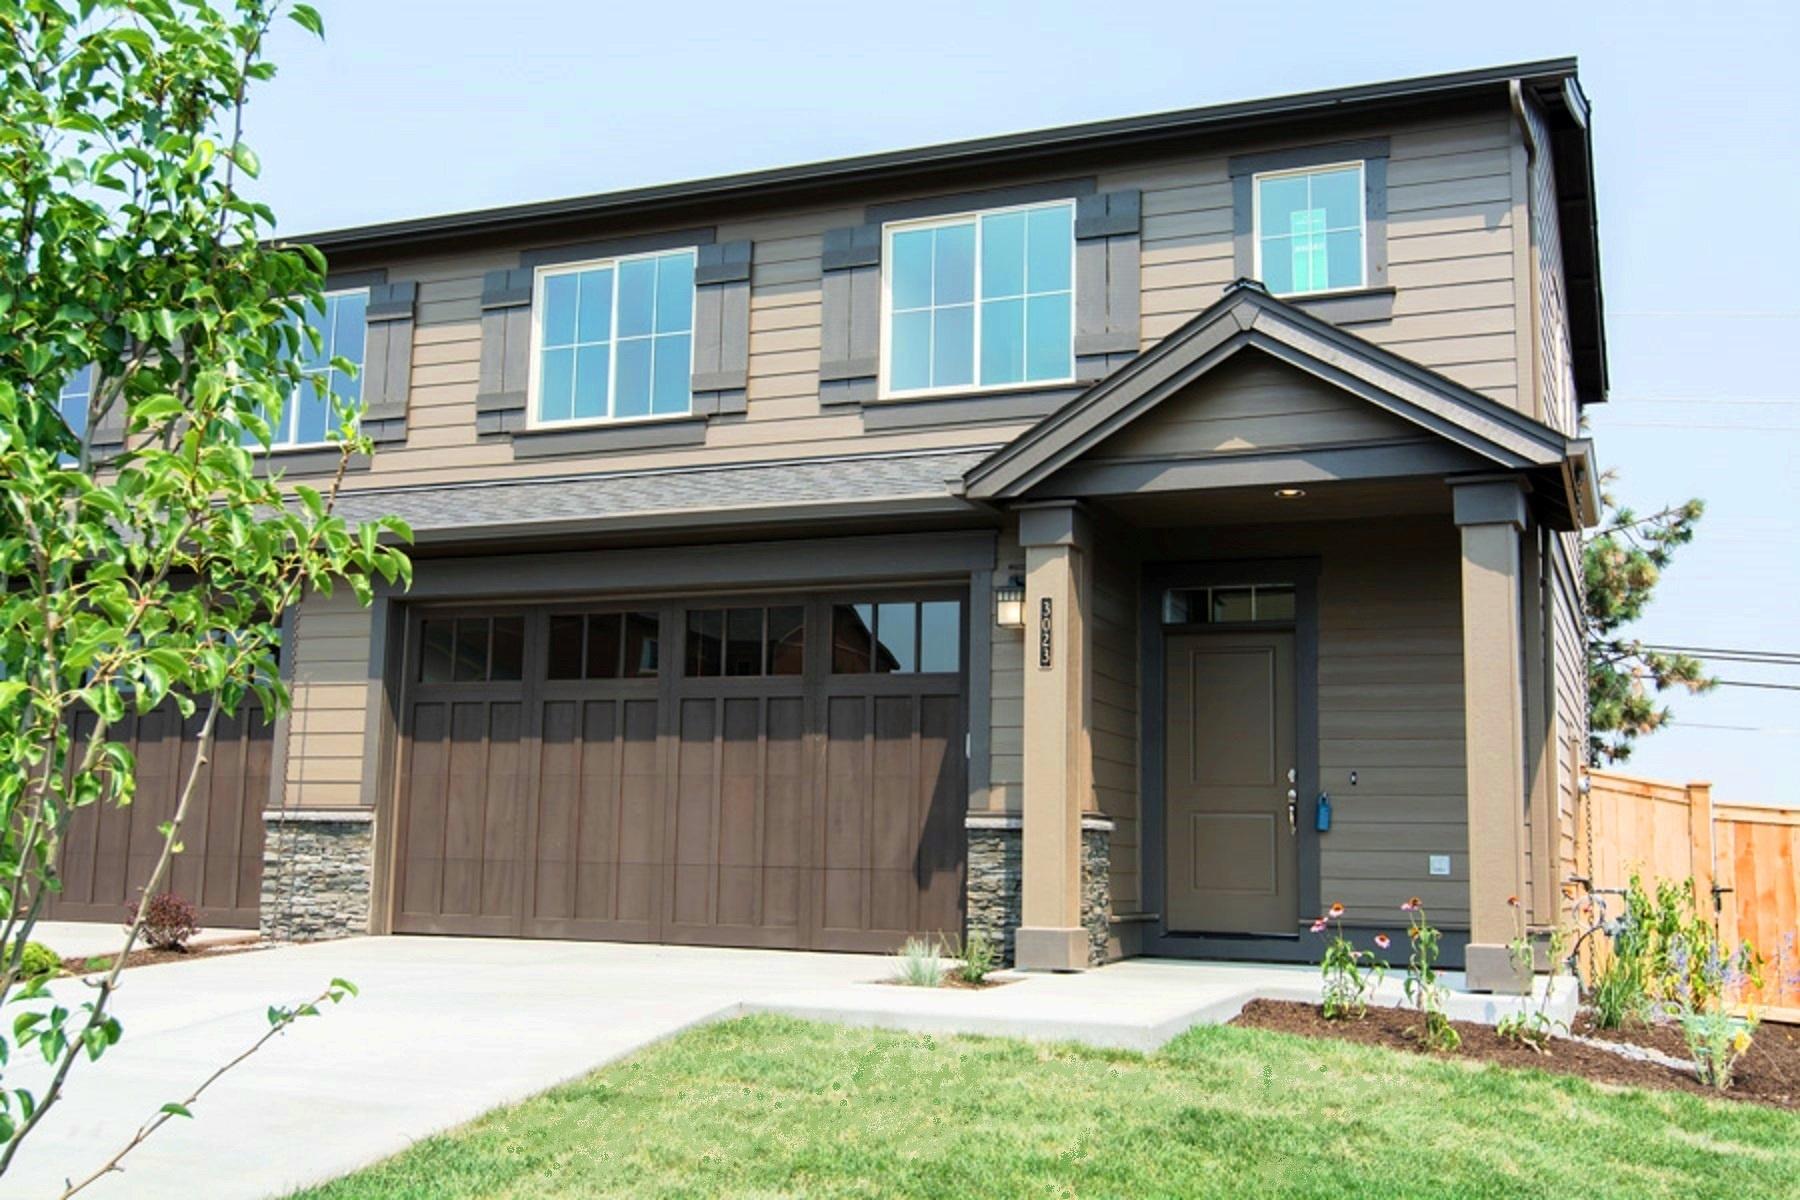 Nhà phố vì Bán tại New Construction Pahlisch Townhome 160 SW 30th St Lot 92 Redmond, Oregon, 97756 Hoa Kỳ